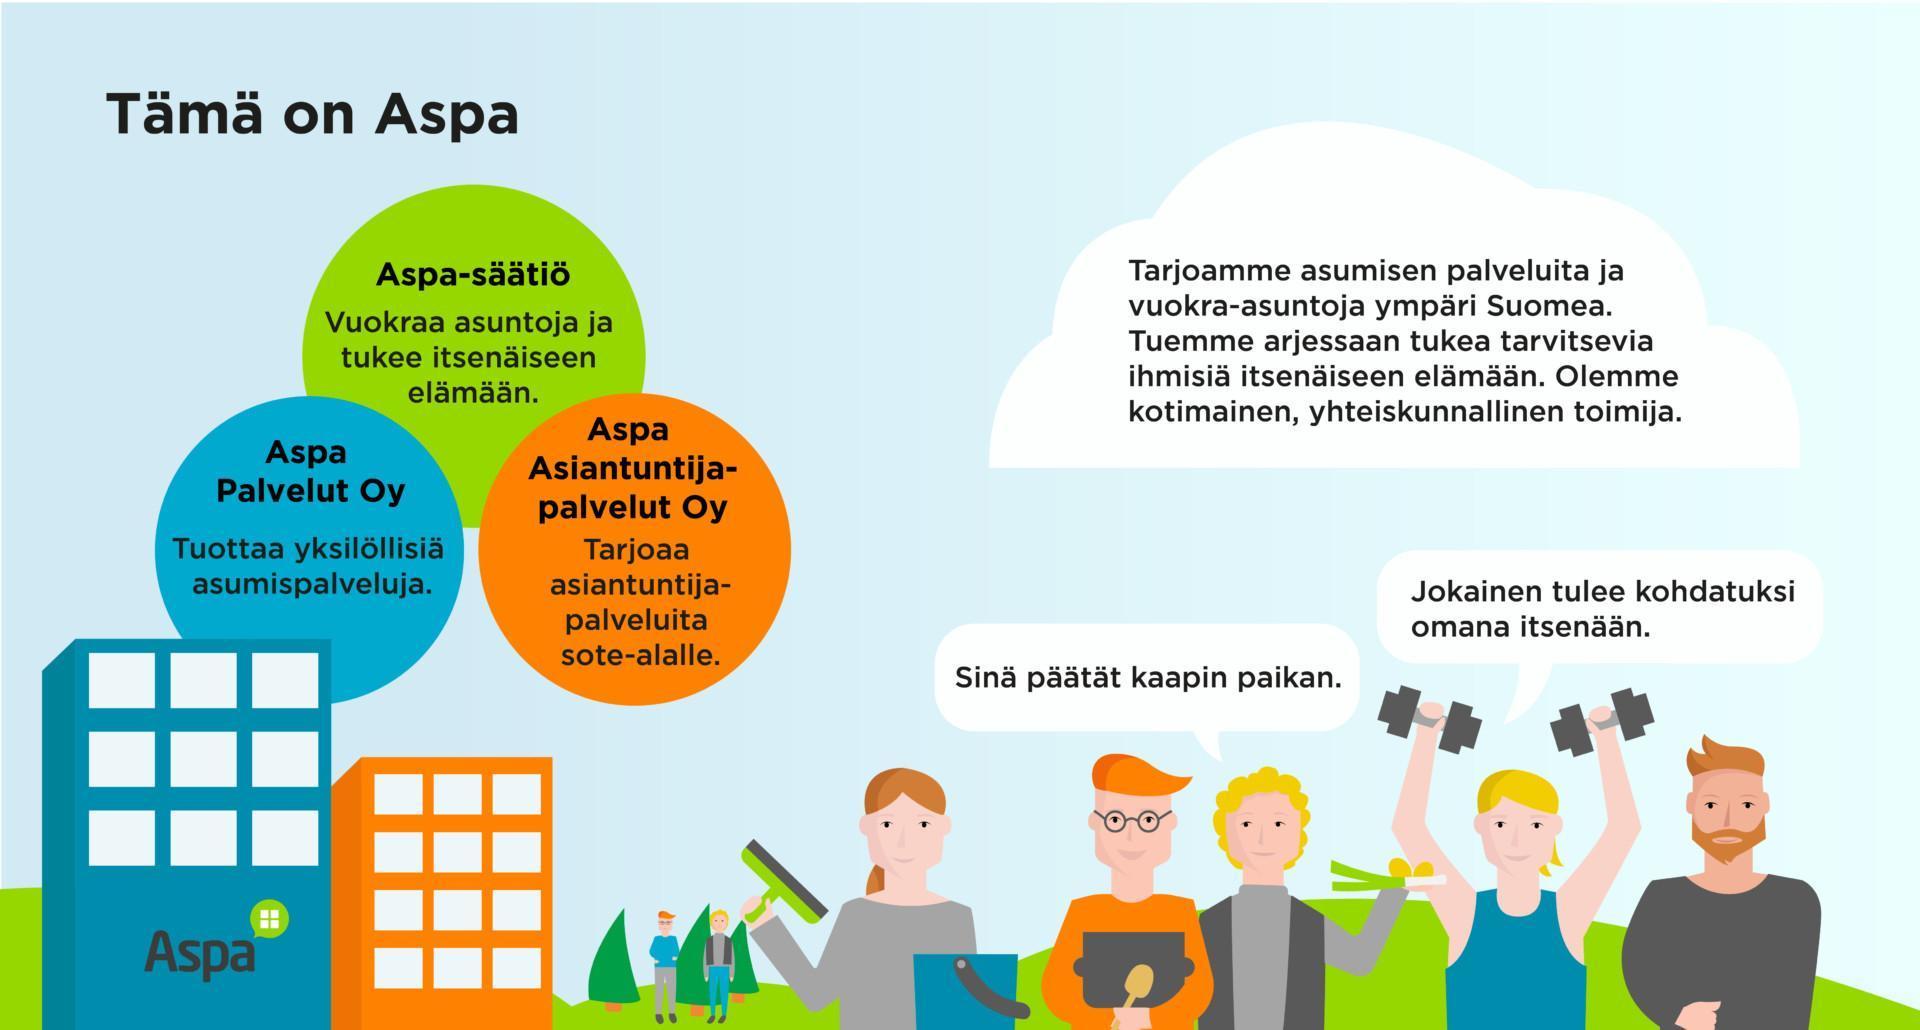 Tämä on Aspa: Aspa-säätiö, Aspa Palvelut Oy, Aspa Asiantuntijapalvelut Oy. Aspa-säätiö vuokraa asuntoja ja tukee itsenäiseen elämään. Aspa Palvelut Oy tuottaa yksilöllisiä asumispalveluja. Aspa Asiantuntijapalvelut Oy tarjoaa asiantuntijapalveluita sote-alalle.  Tarjoamme asumisen palveluita ja vuokra-asuntoja ympäri Suomen. Tuemme arjessaan tukea tarvitsevia ihmisiä itsenäiseen elämään. Olemme kotimainen, yhteiskunnallinen toimija. Meillä jokainen tulee kohdatuksi omana itsenään.